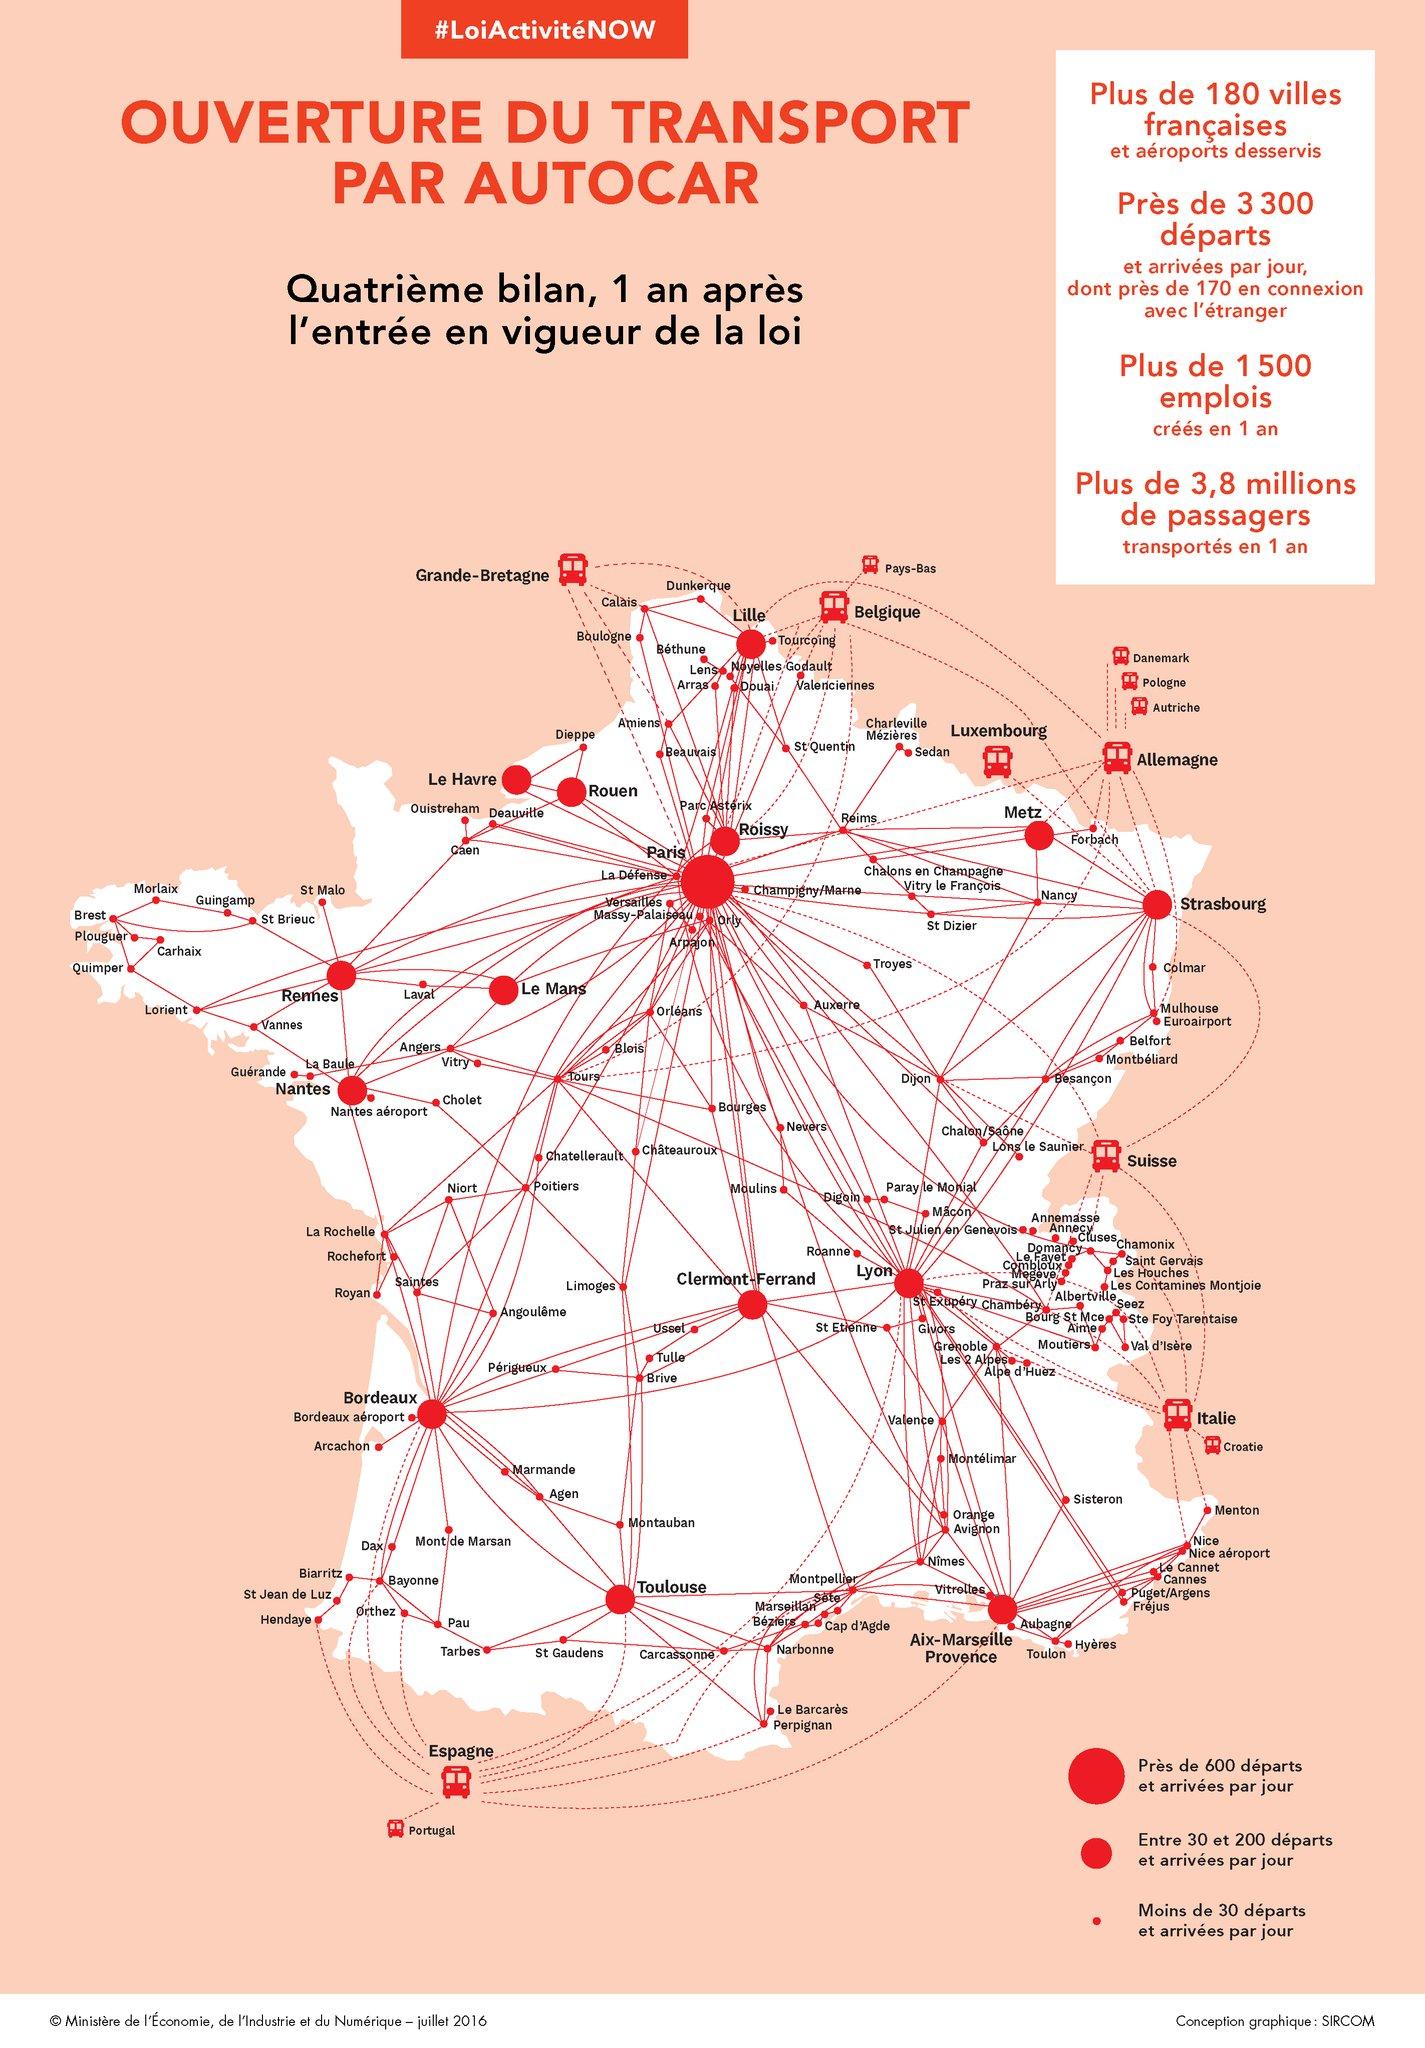 Bilan 1 an marché des bus Macron